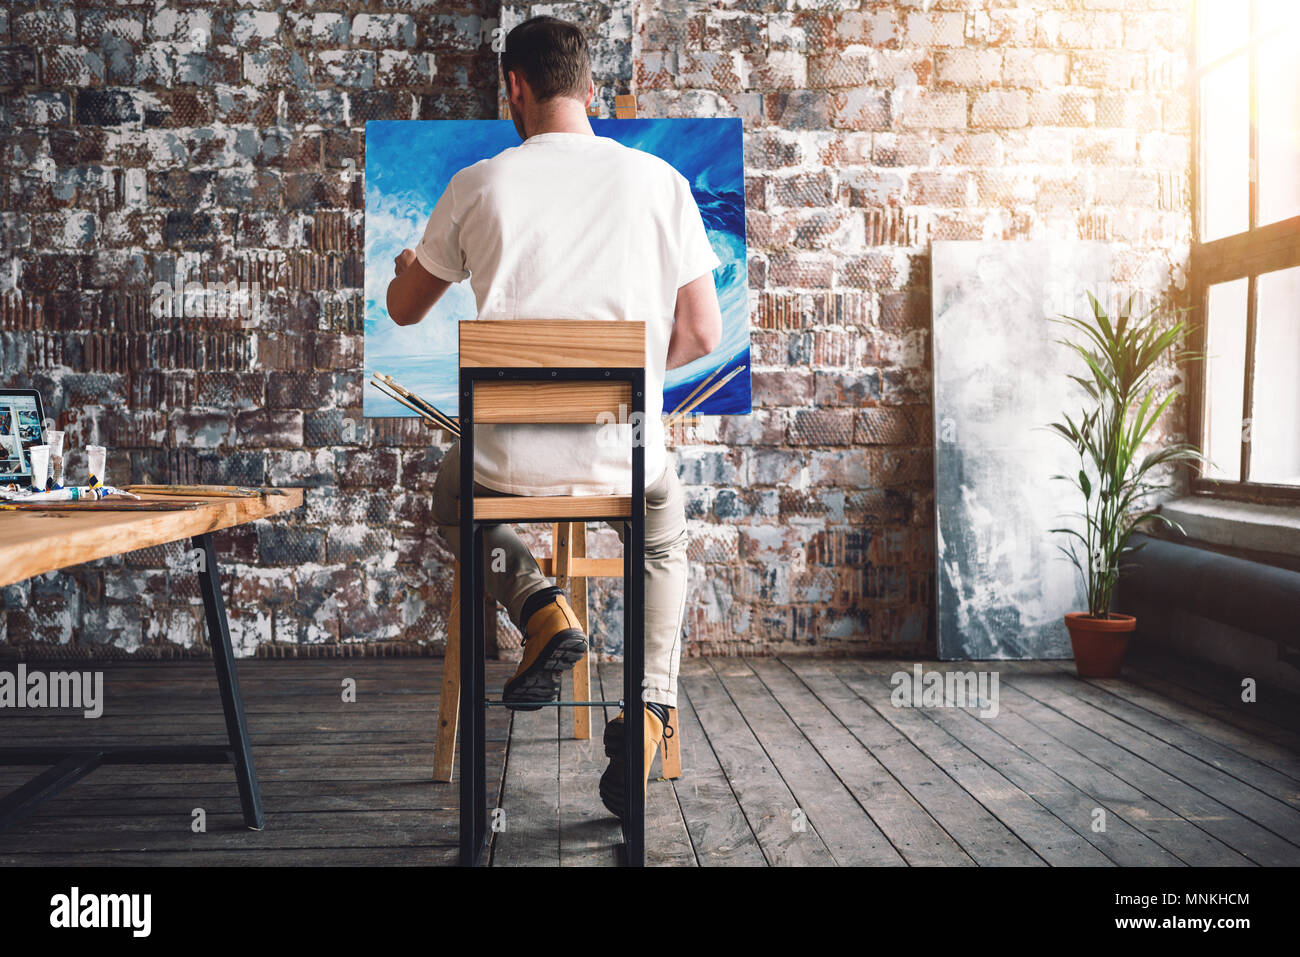 Männliche Maler sitzt auf Stuhl vor die Leinwand und Zeichnung Bild im Studio. Kunst klasse und Werkstatt. Künstler malen. Hobby Stockbild